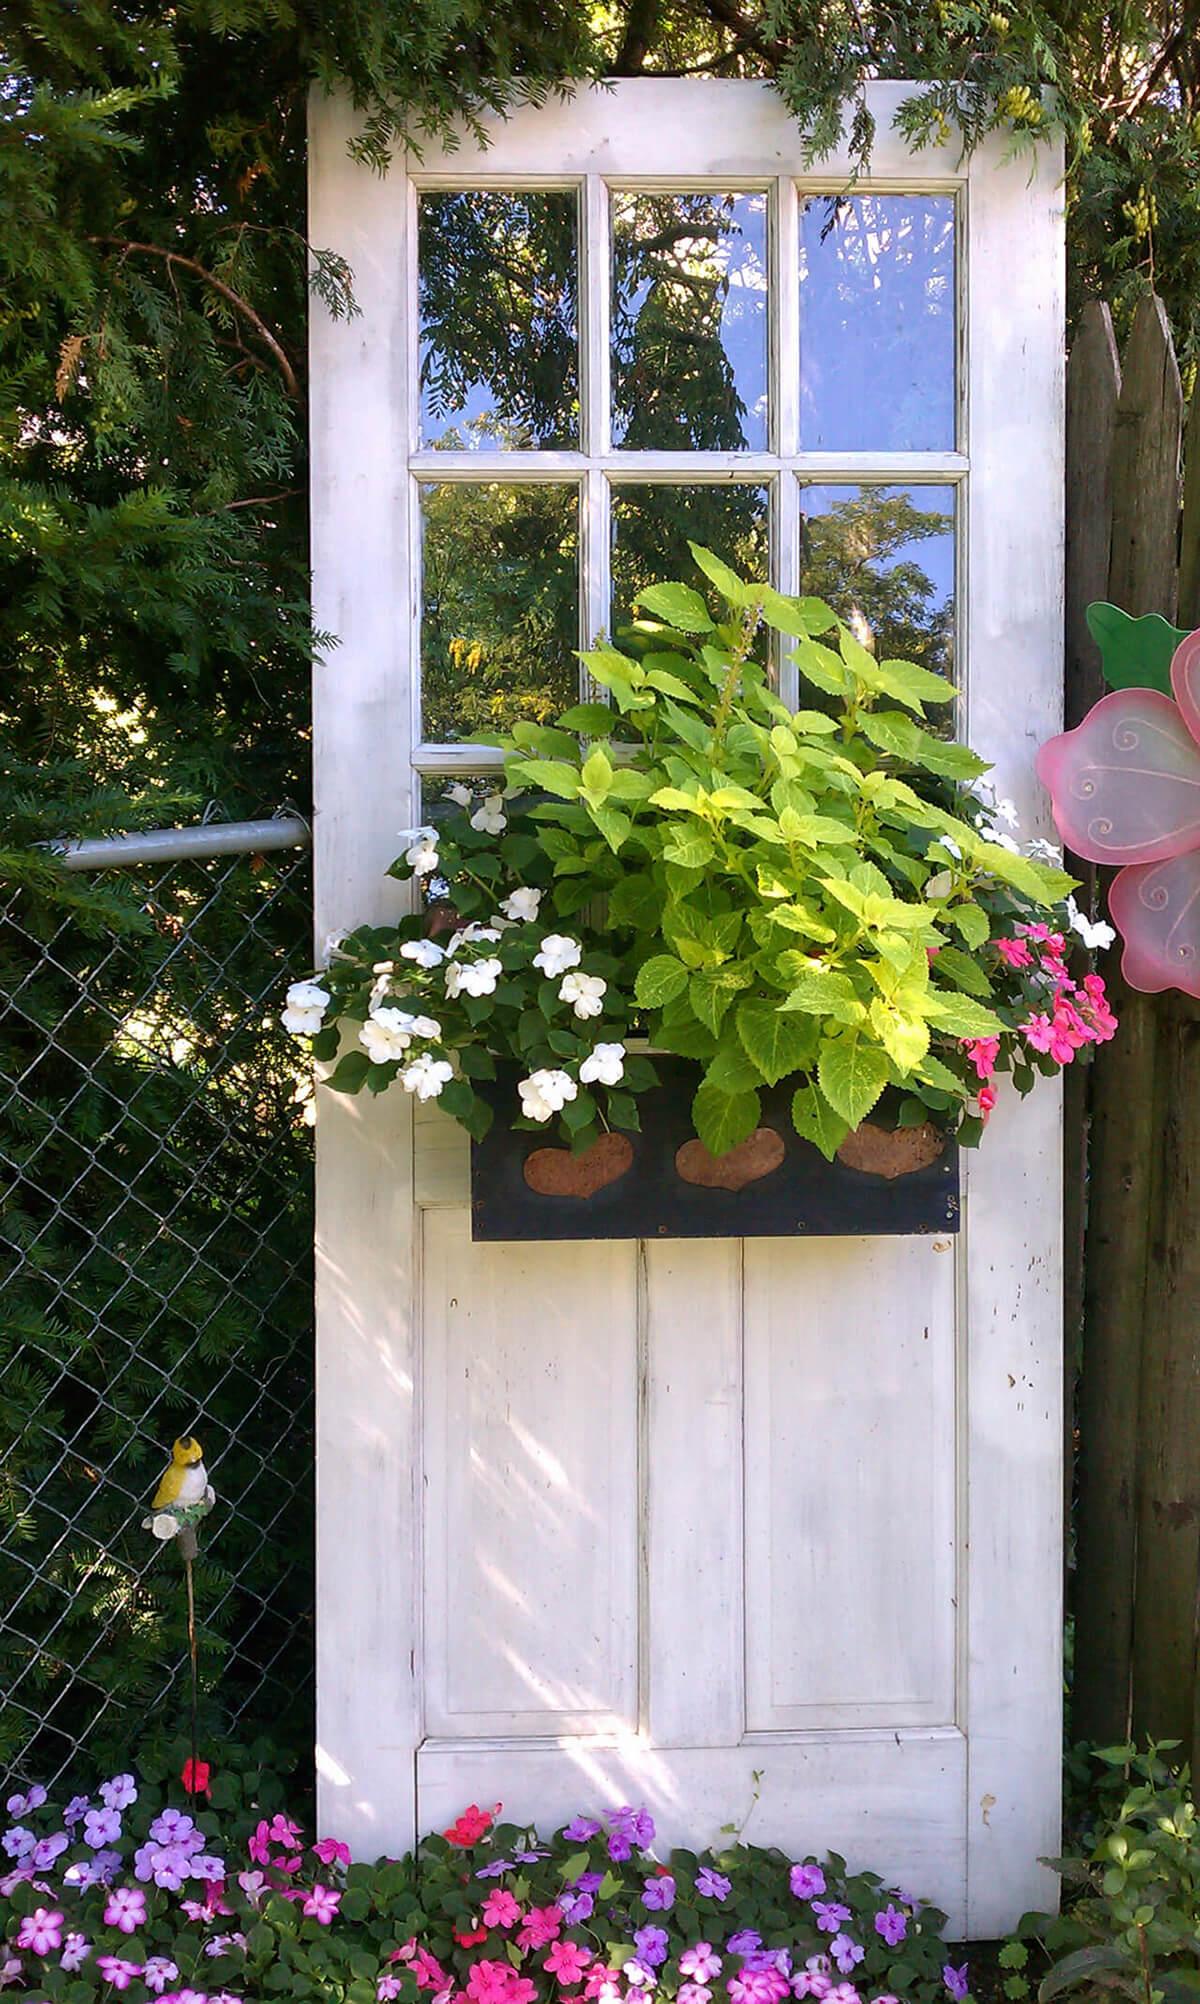 Standing Door with Blooming Flower Box